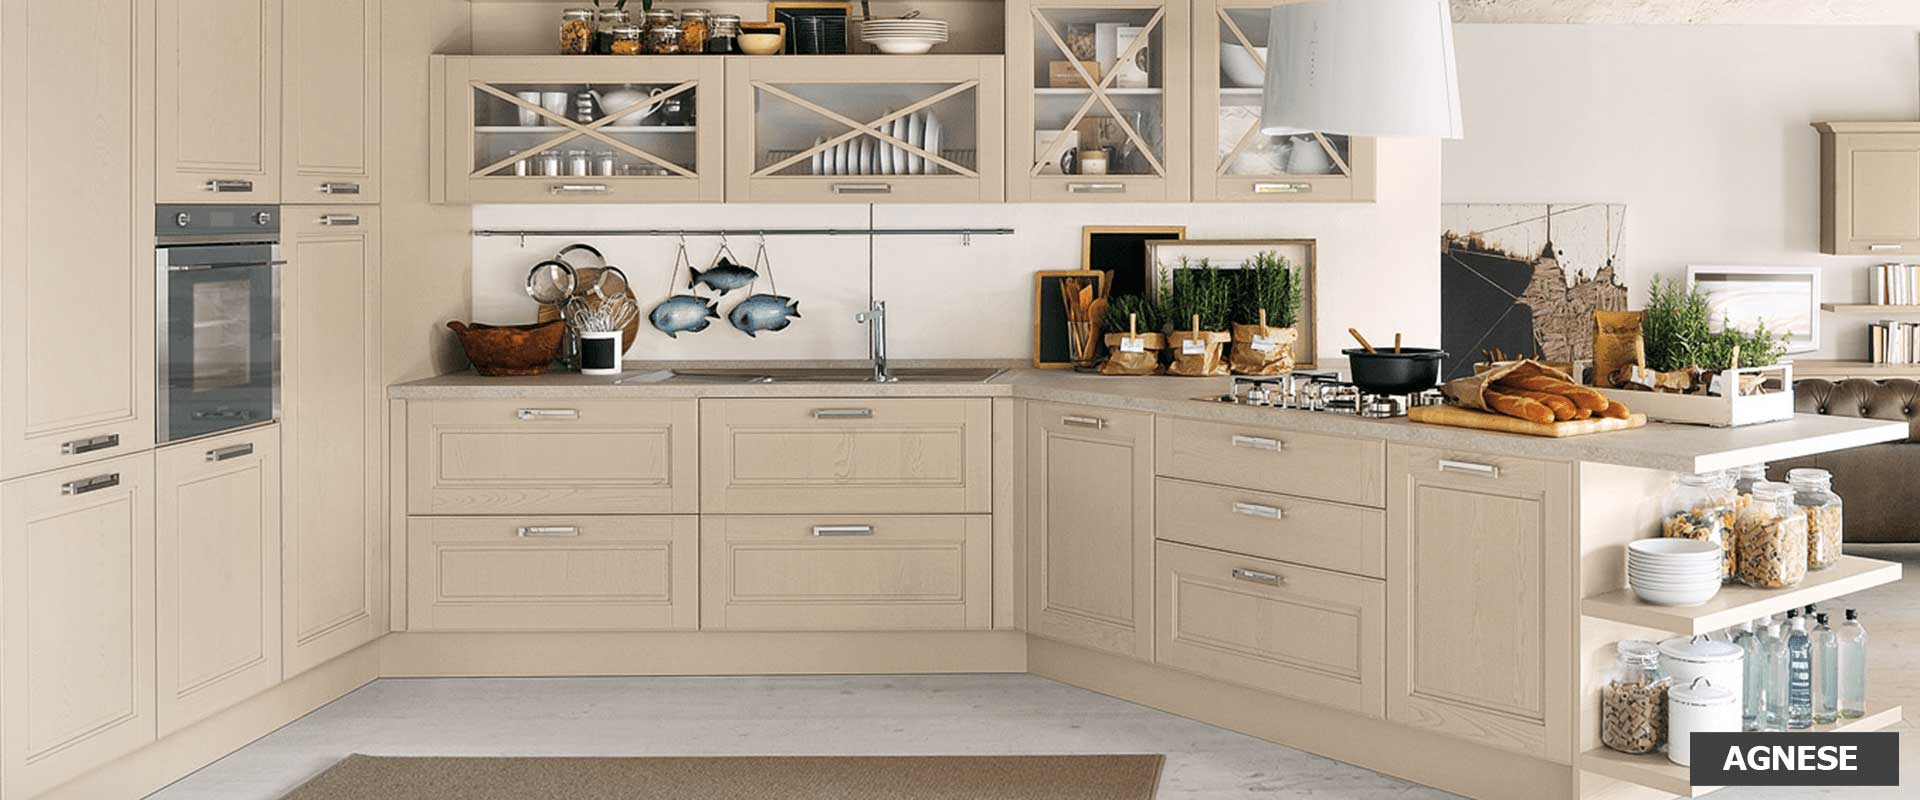 Cucina Agnese Lube Opinioni cucine lube official store | la tua cucina lube